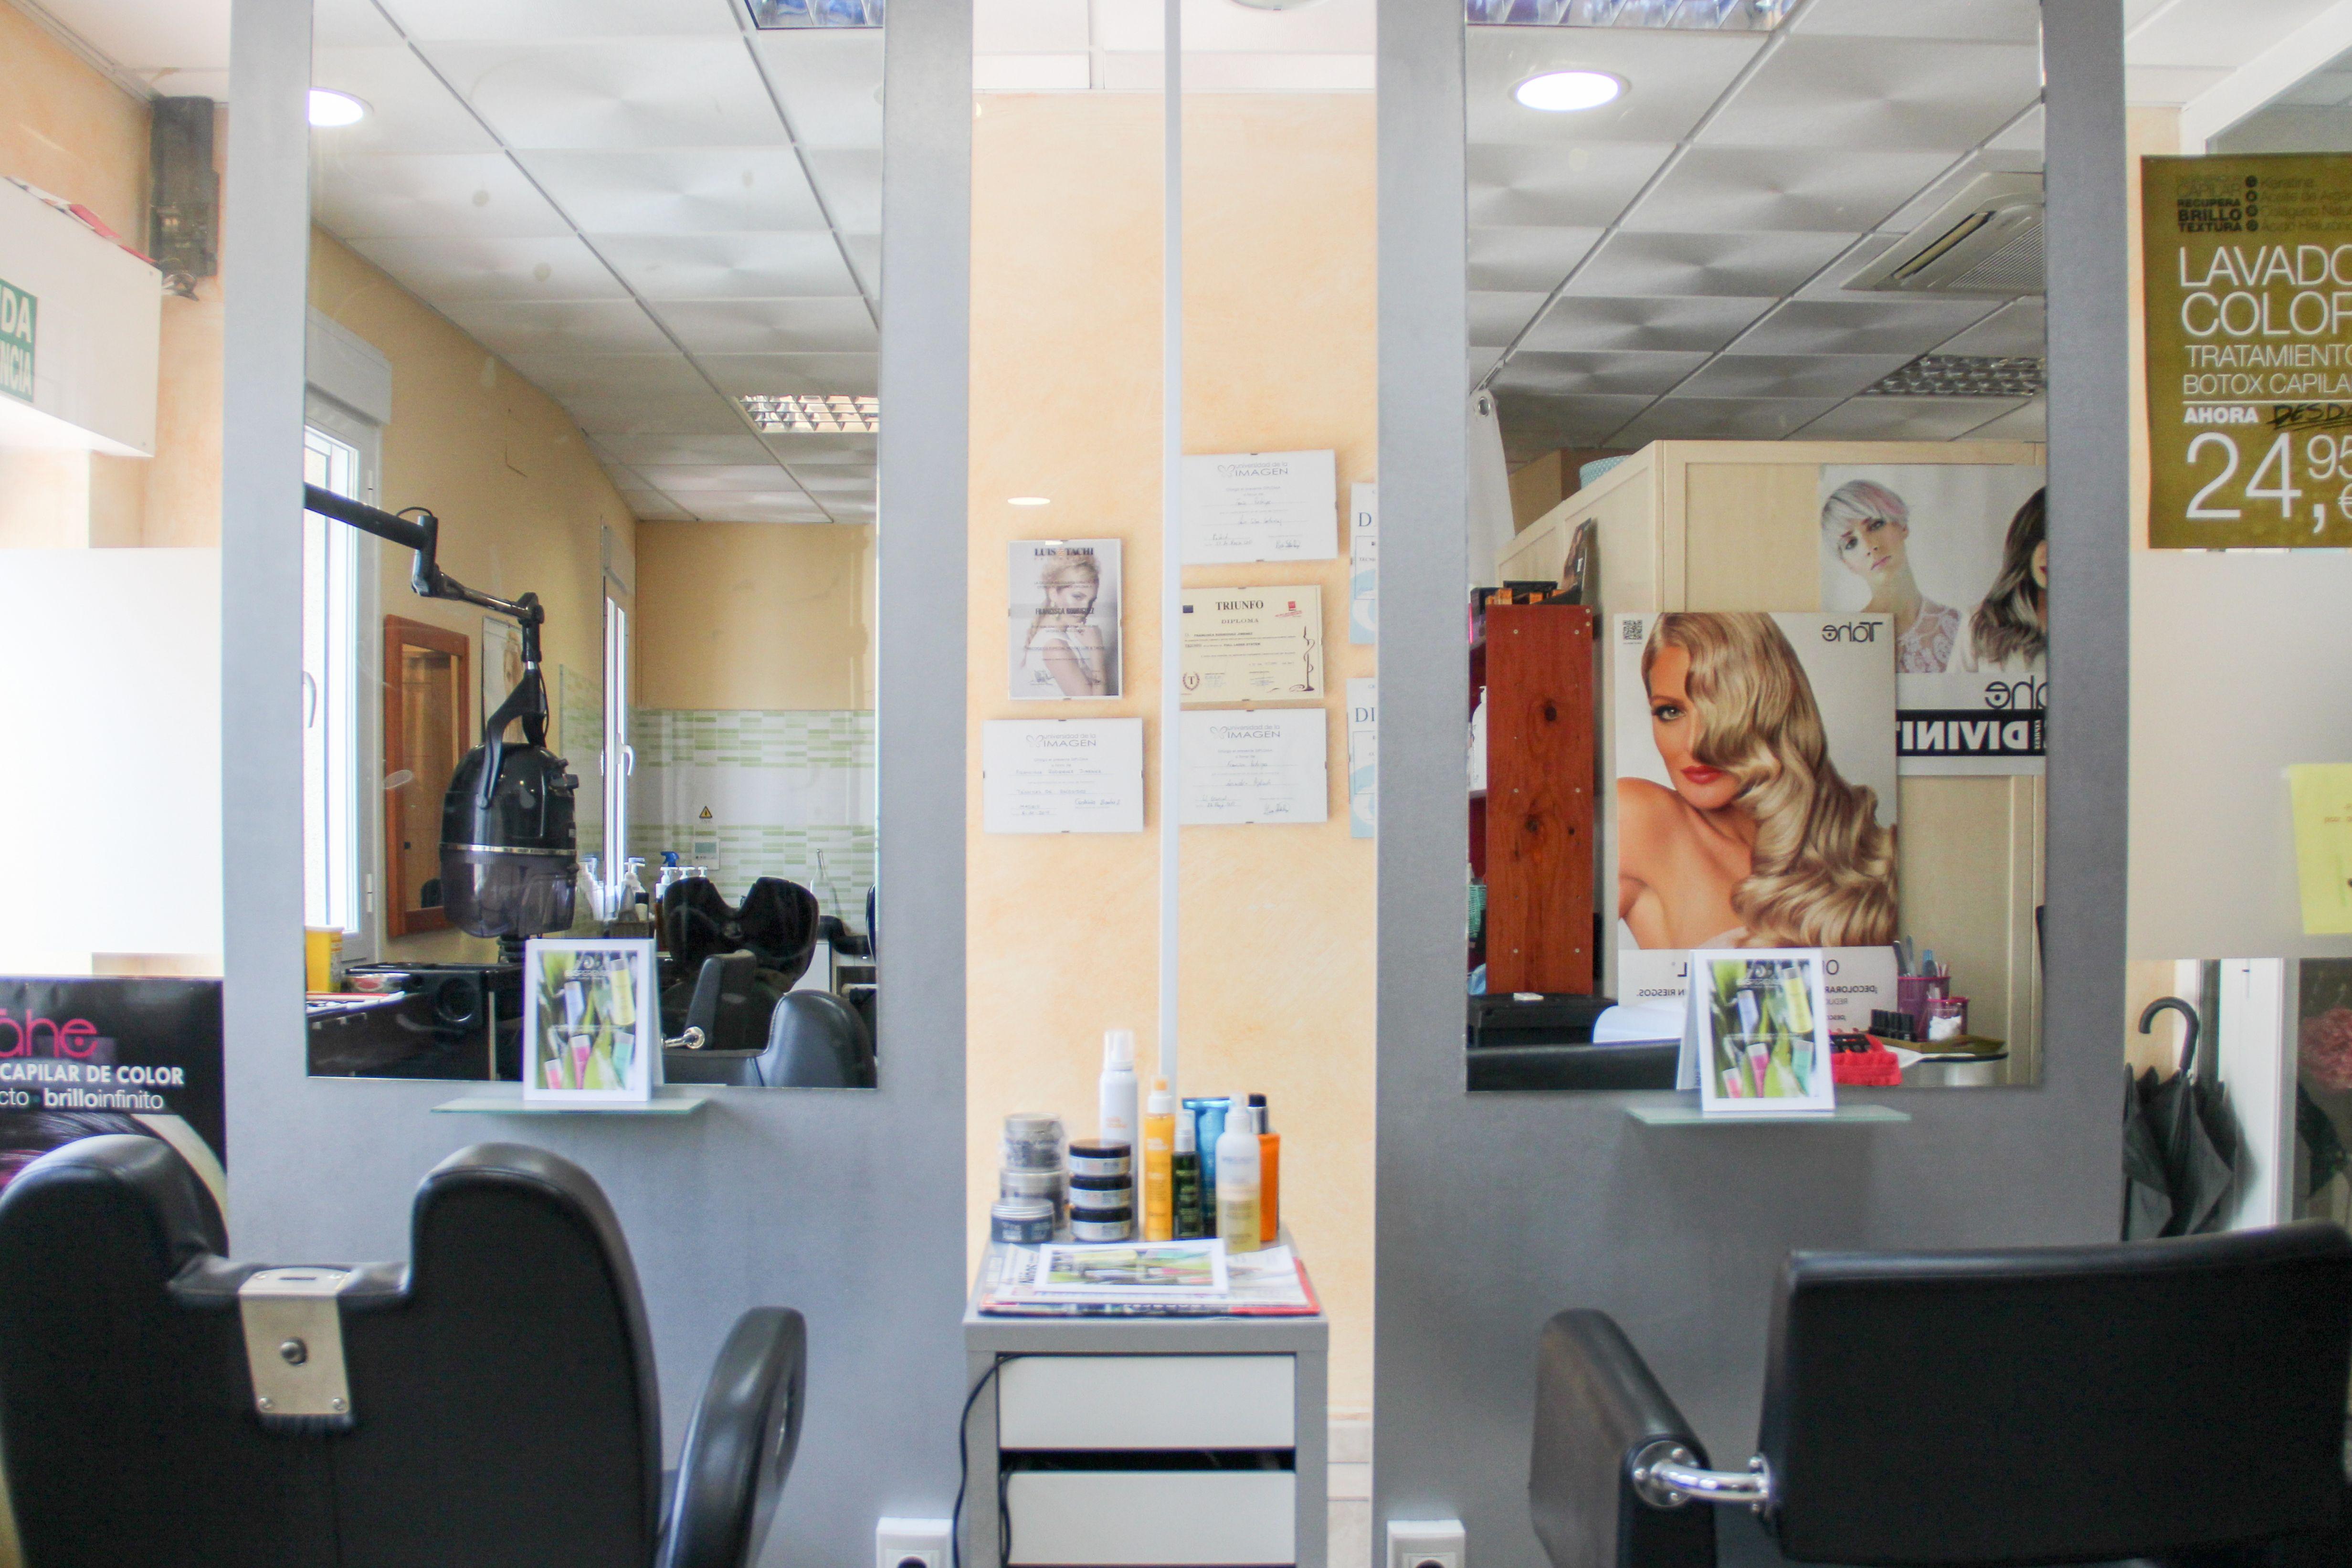 Nuestro trabajo es adaptar el color y forma del cabello de manera personal